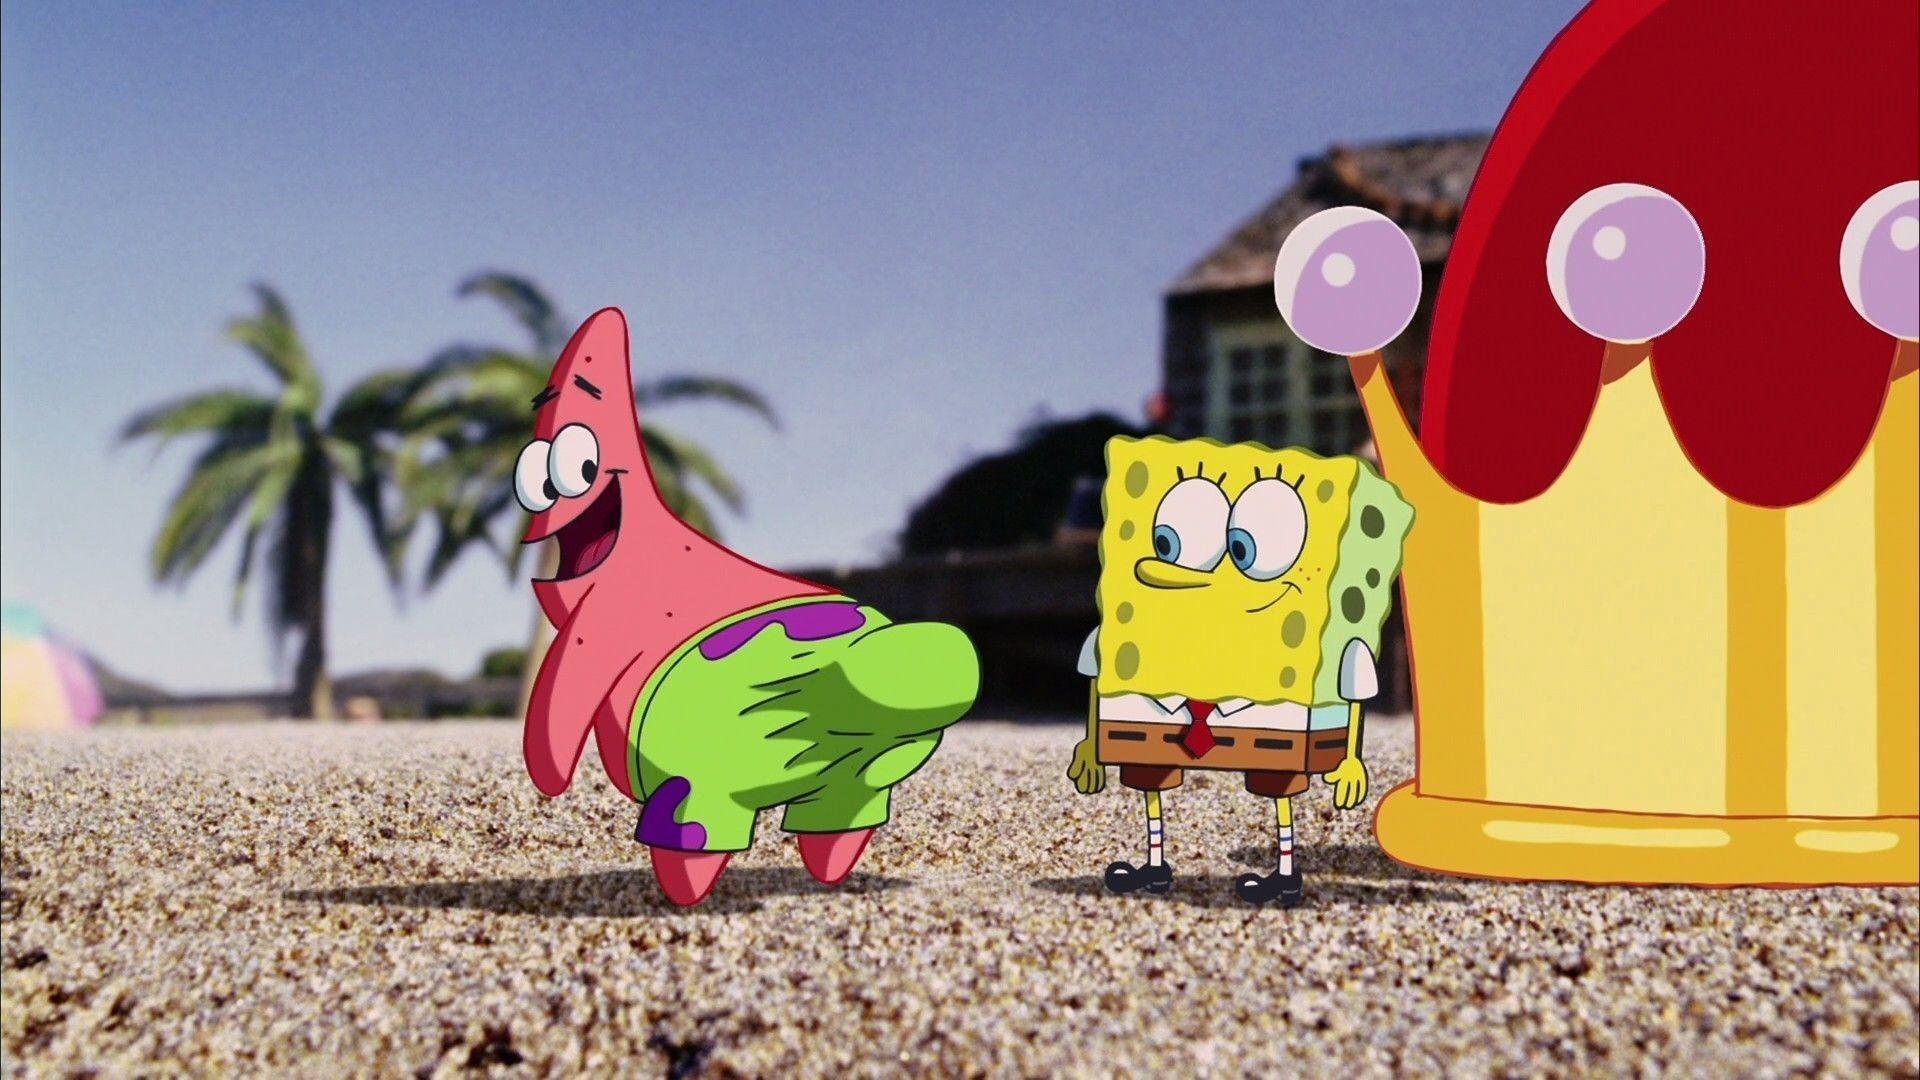 Spongebob And Patrick Wallpaper Image